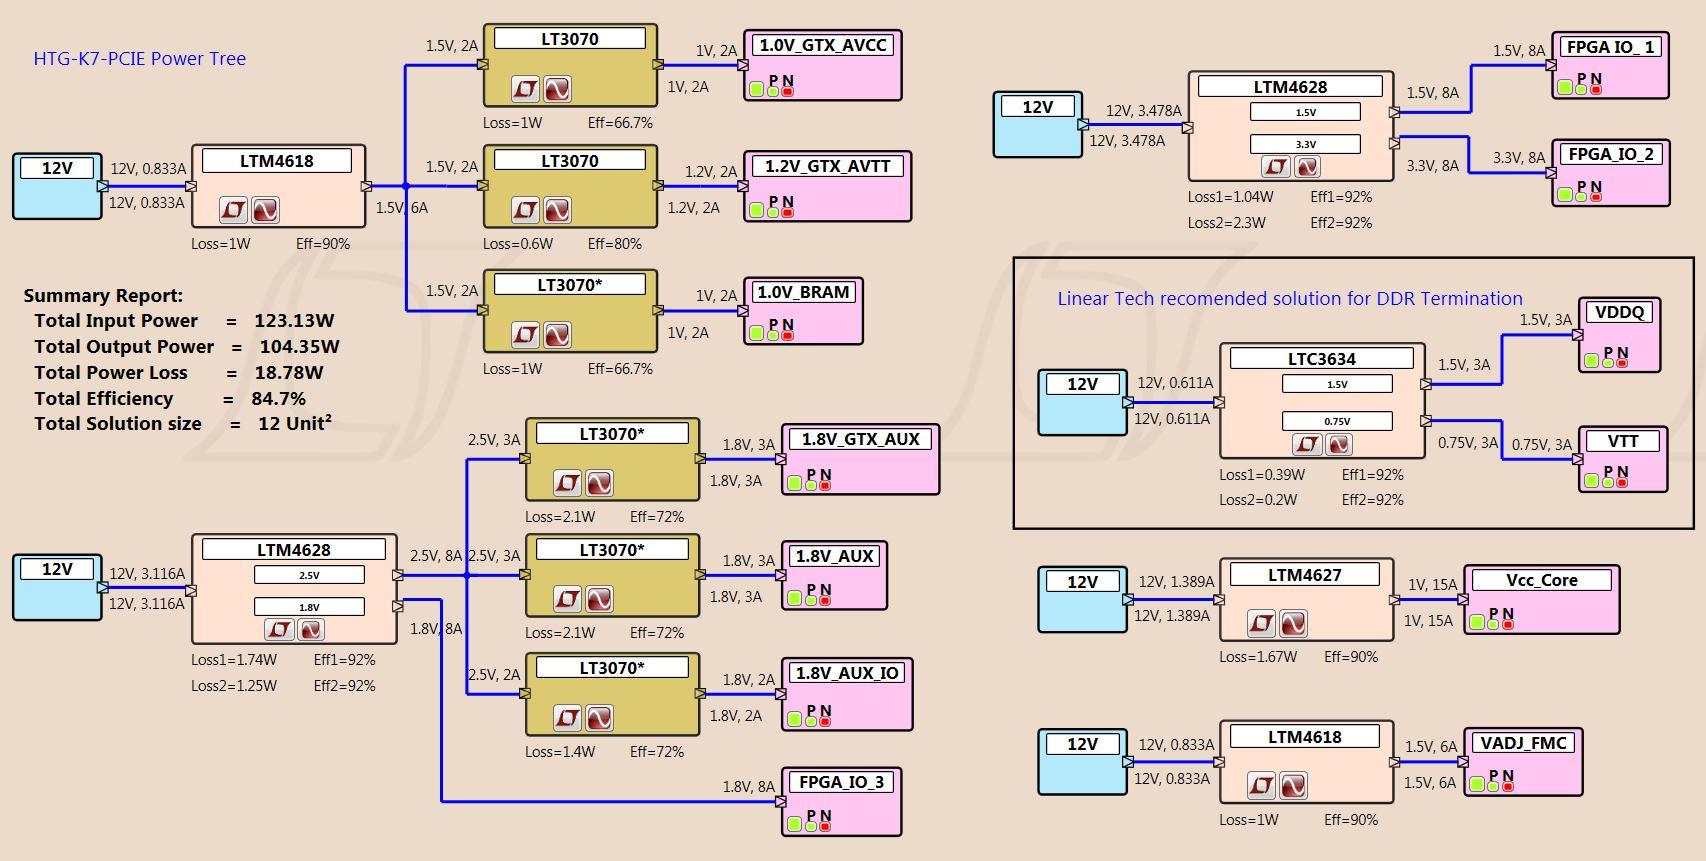 medium resolution of htg k7 pcie power tree